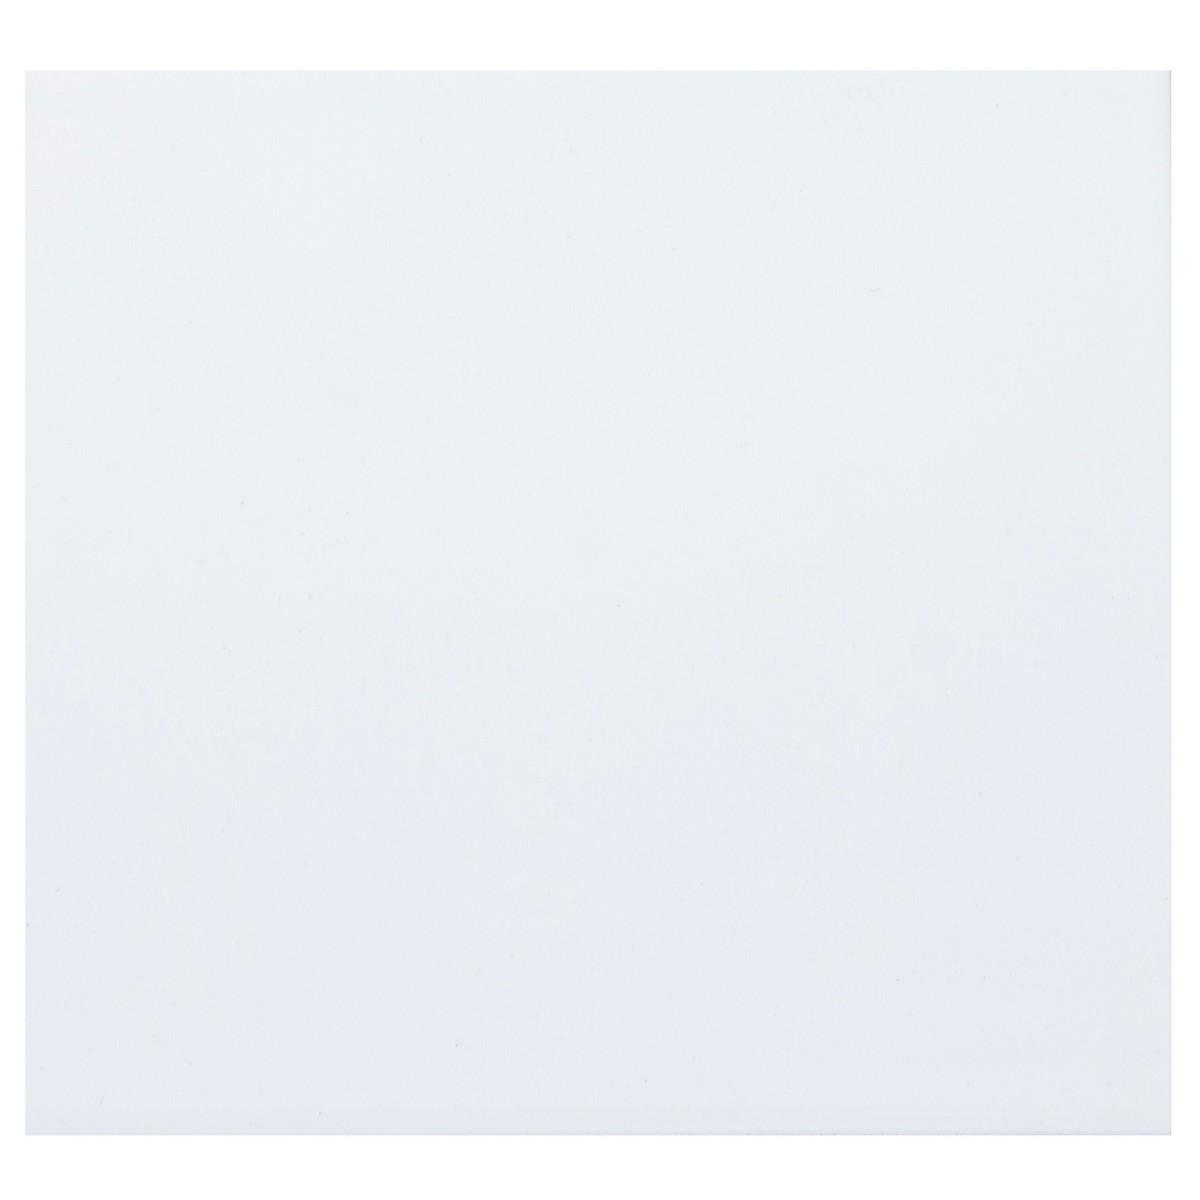 Плитка наcтенная Теруэль 7 20х20 см 1.04 м2 цвет белый